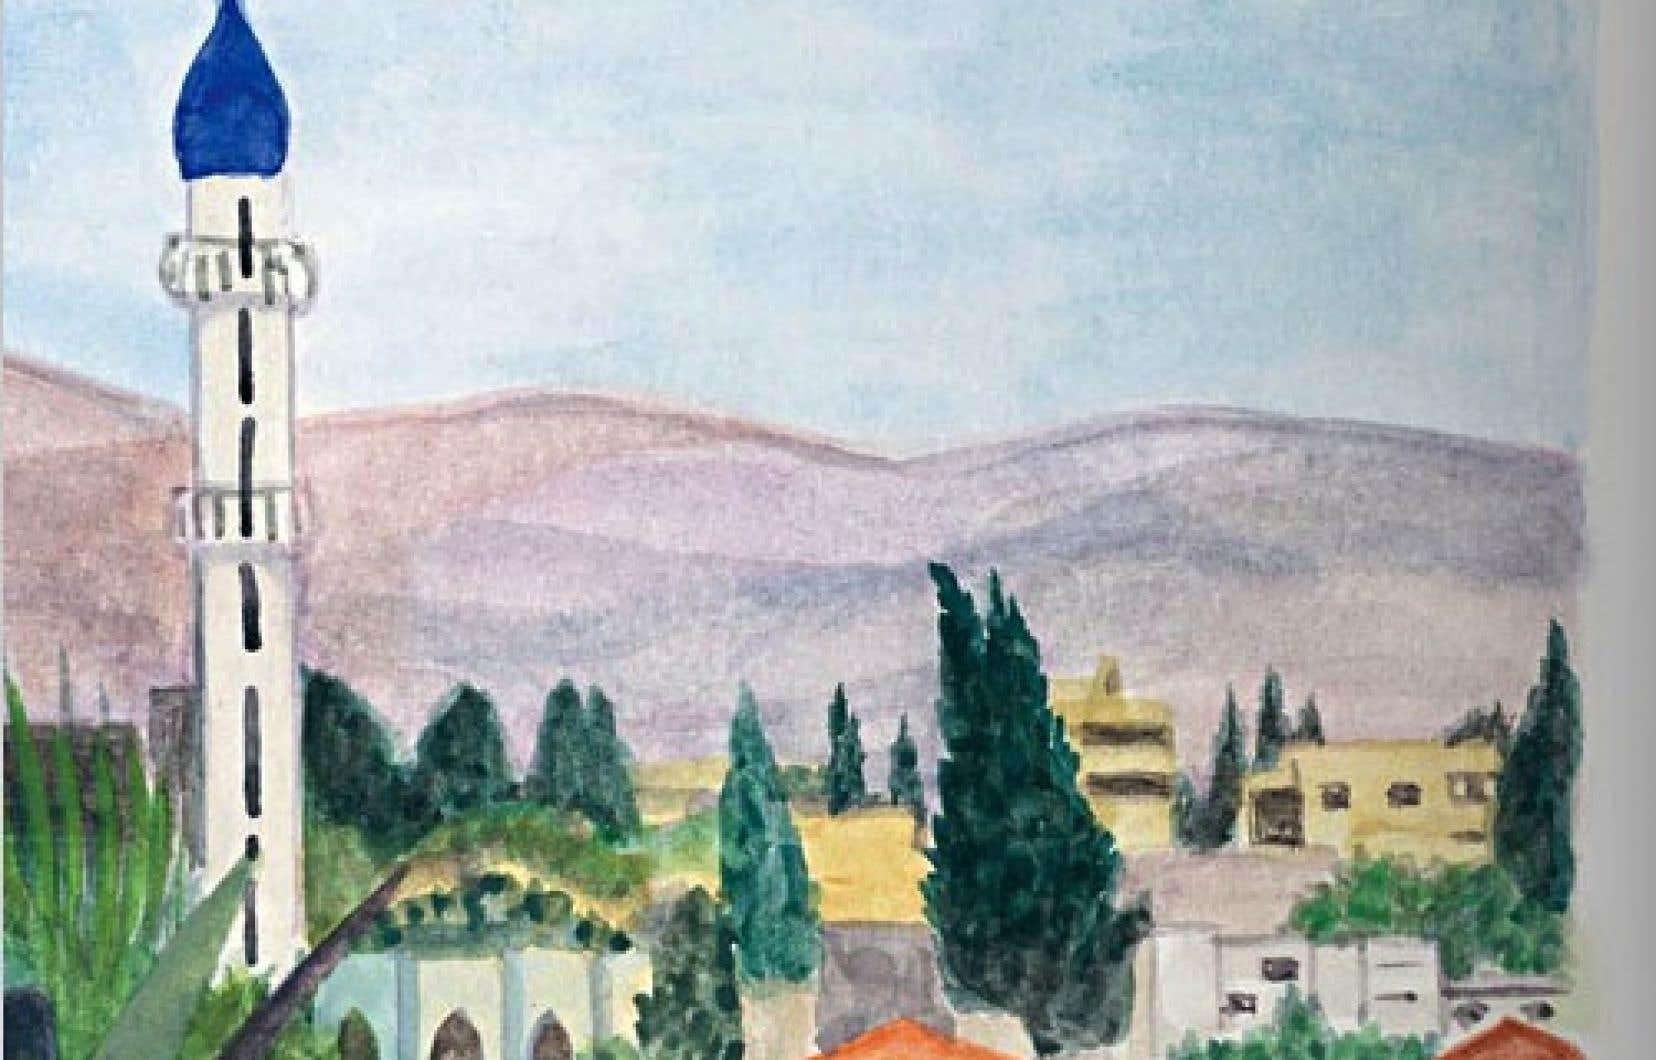 Détail d'une illustration tirée du livre de Lamia Ziadé